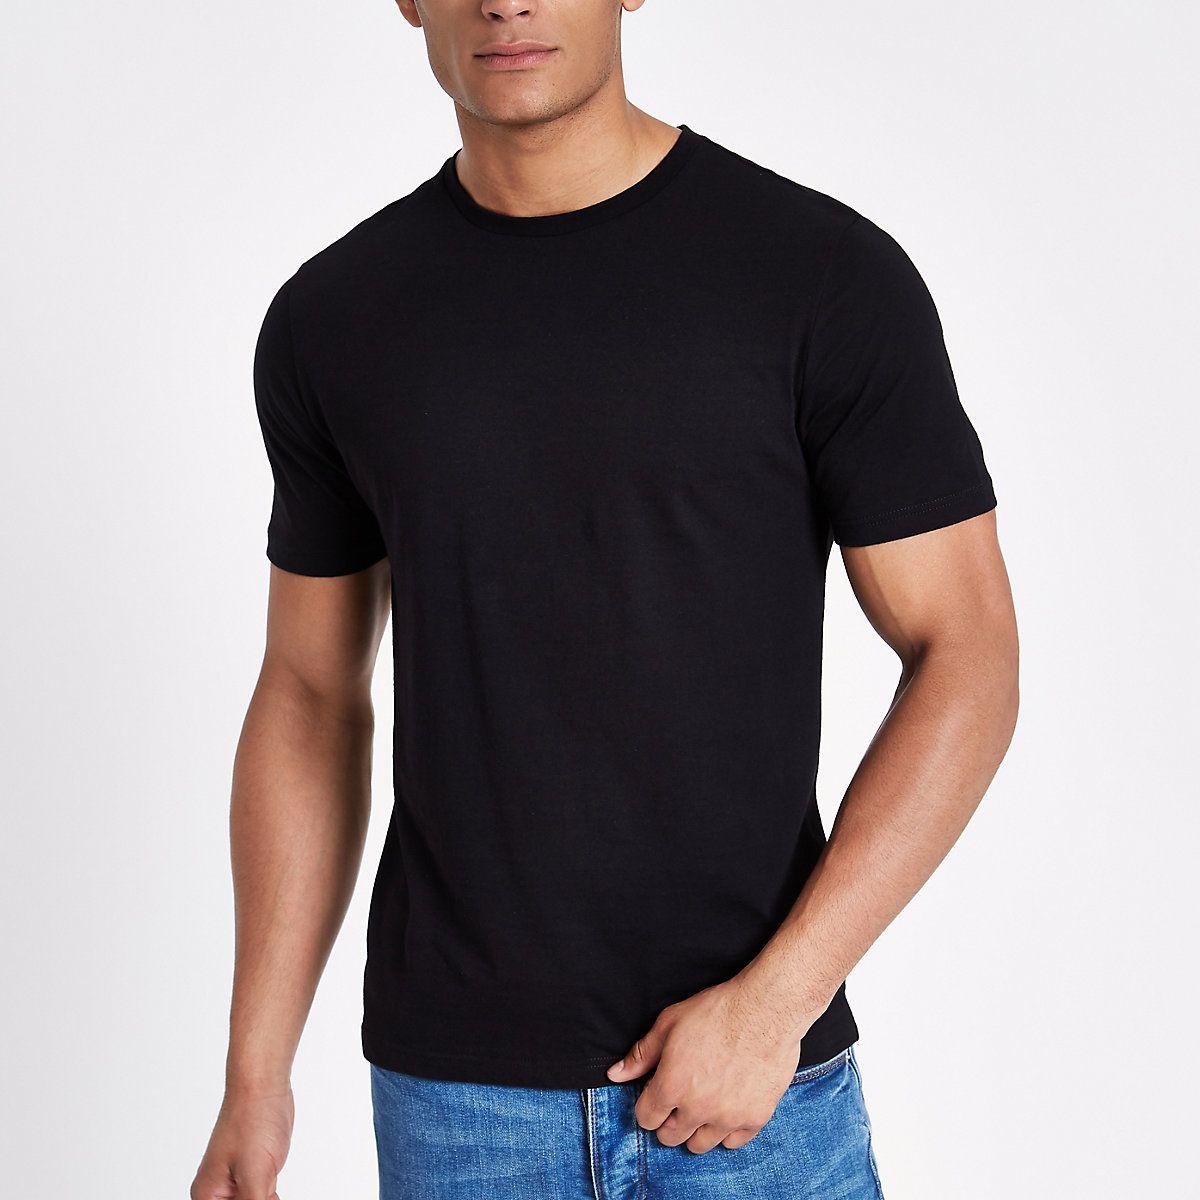 Black slim fit crew neck tshirt tshirts tshirts